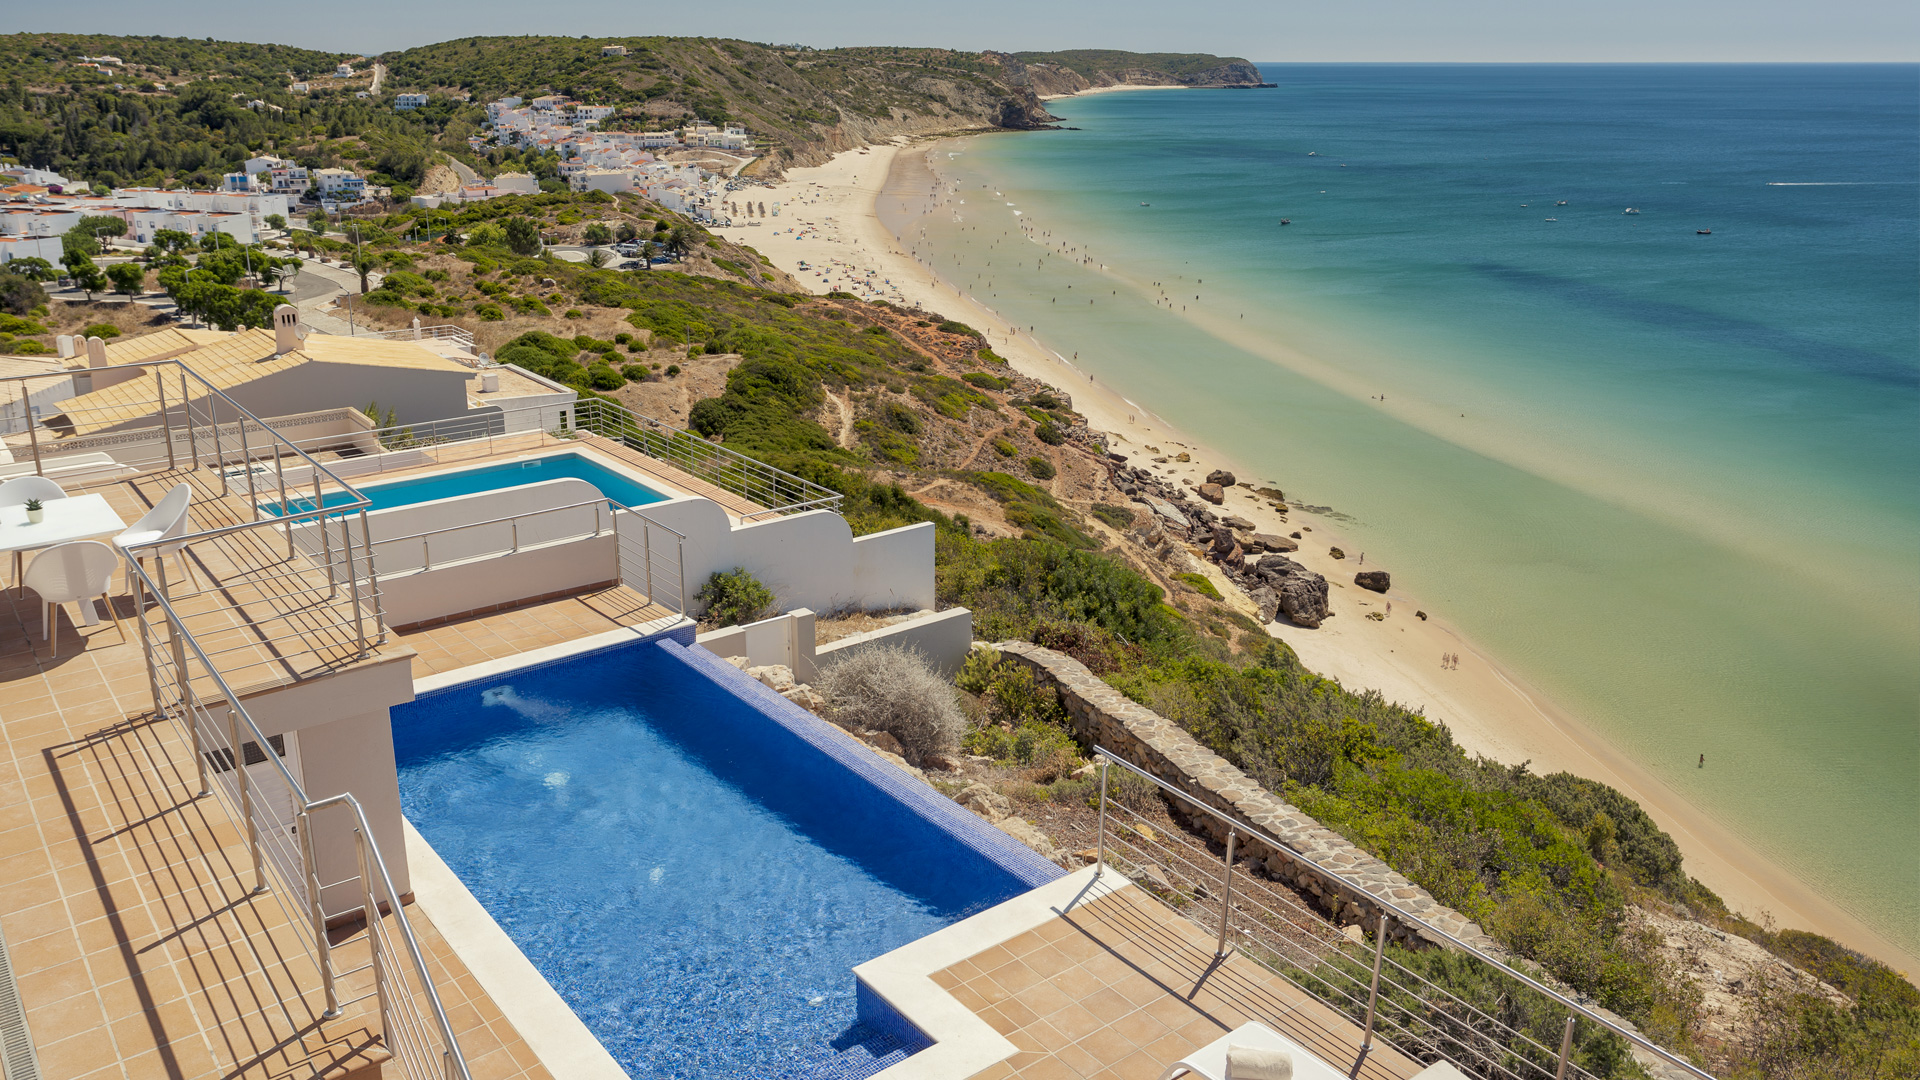 Mar à Vista terrace, pool and beach